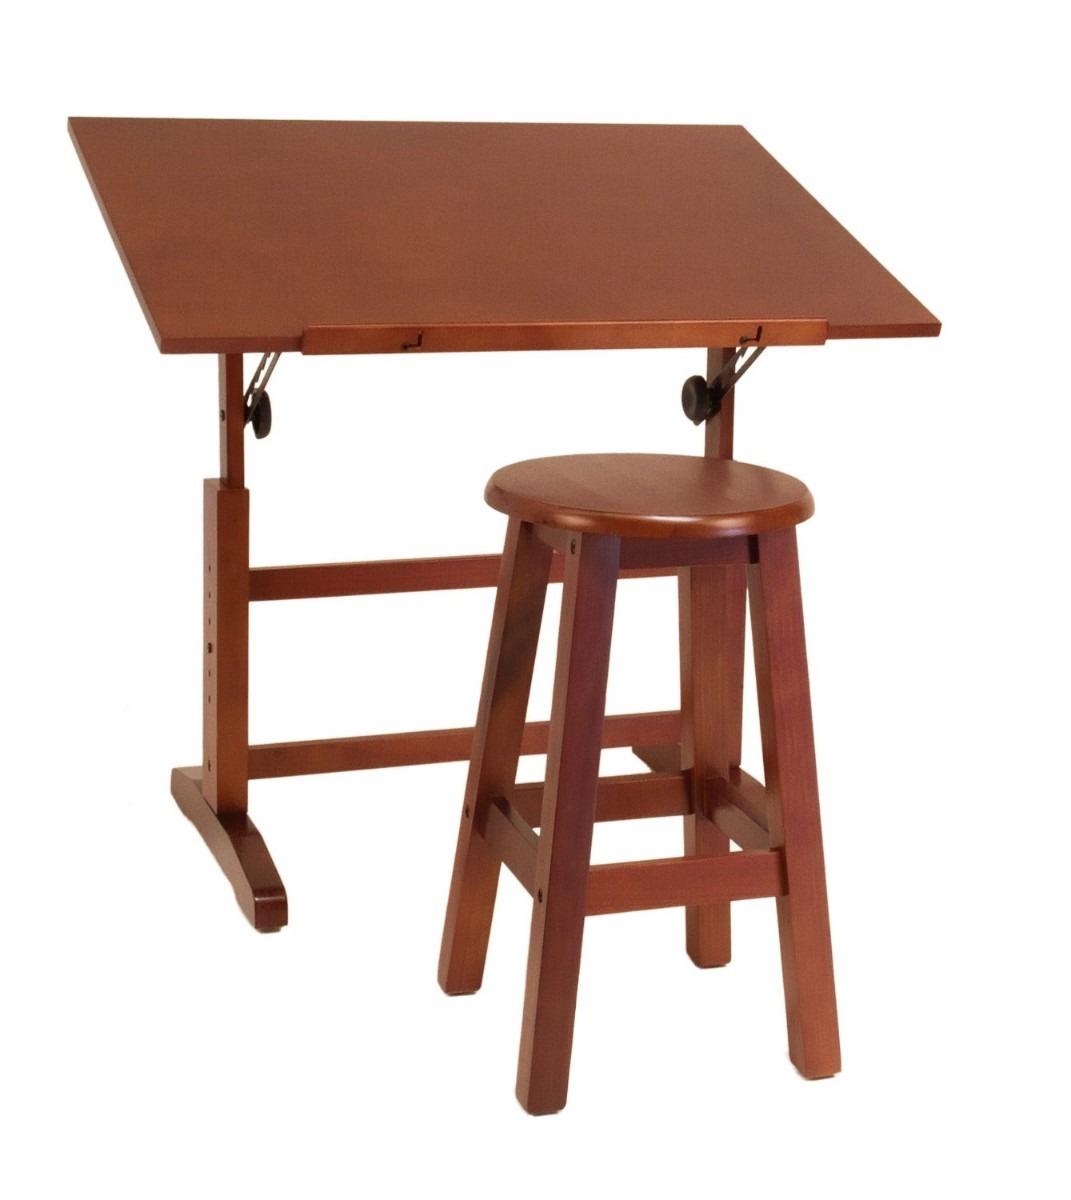 Mesa para dibujo artistico con silla escritorio dibujar vbf 3 en mercado libre - Mesas de dibujo ...